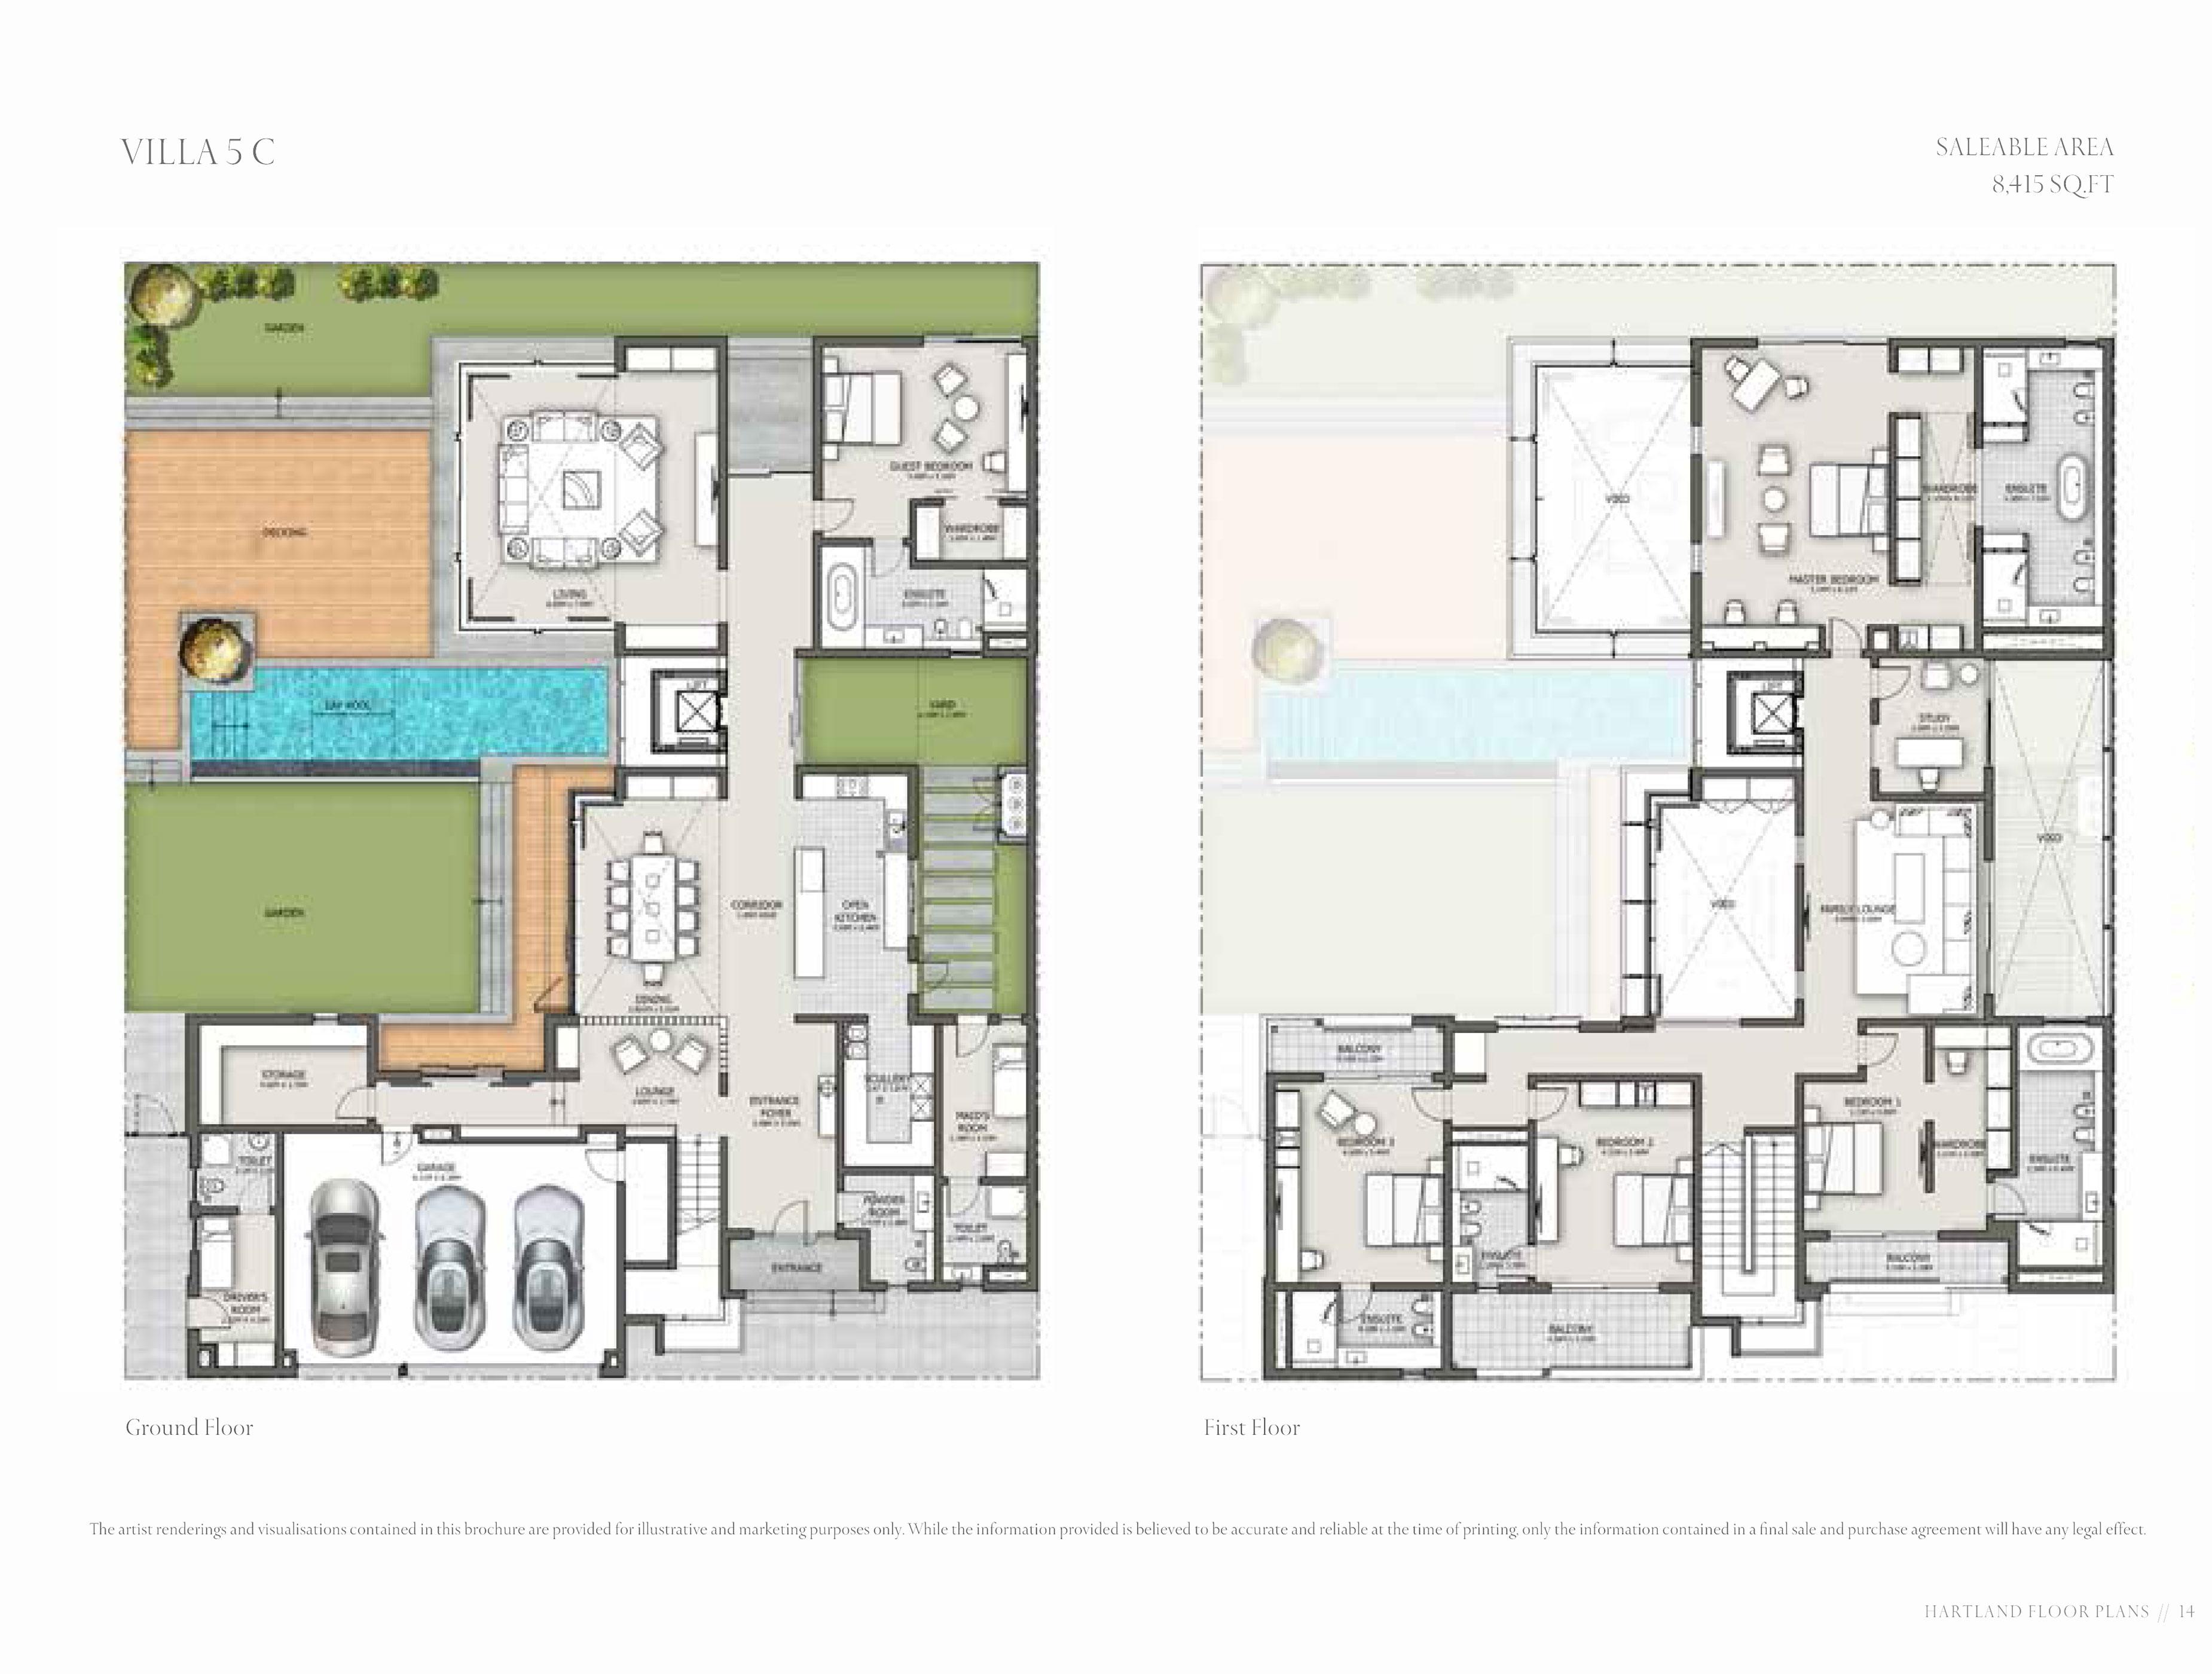 Villas-5C-Area-8415